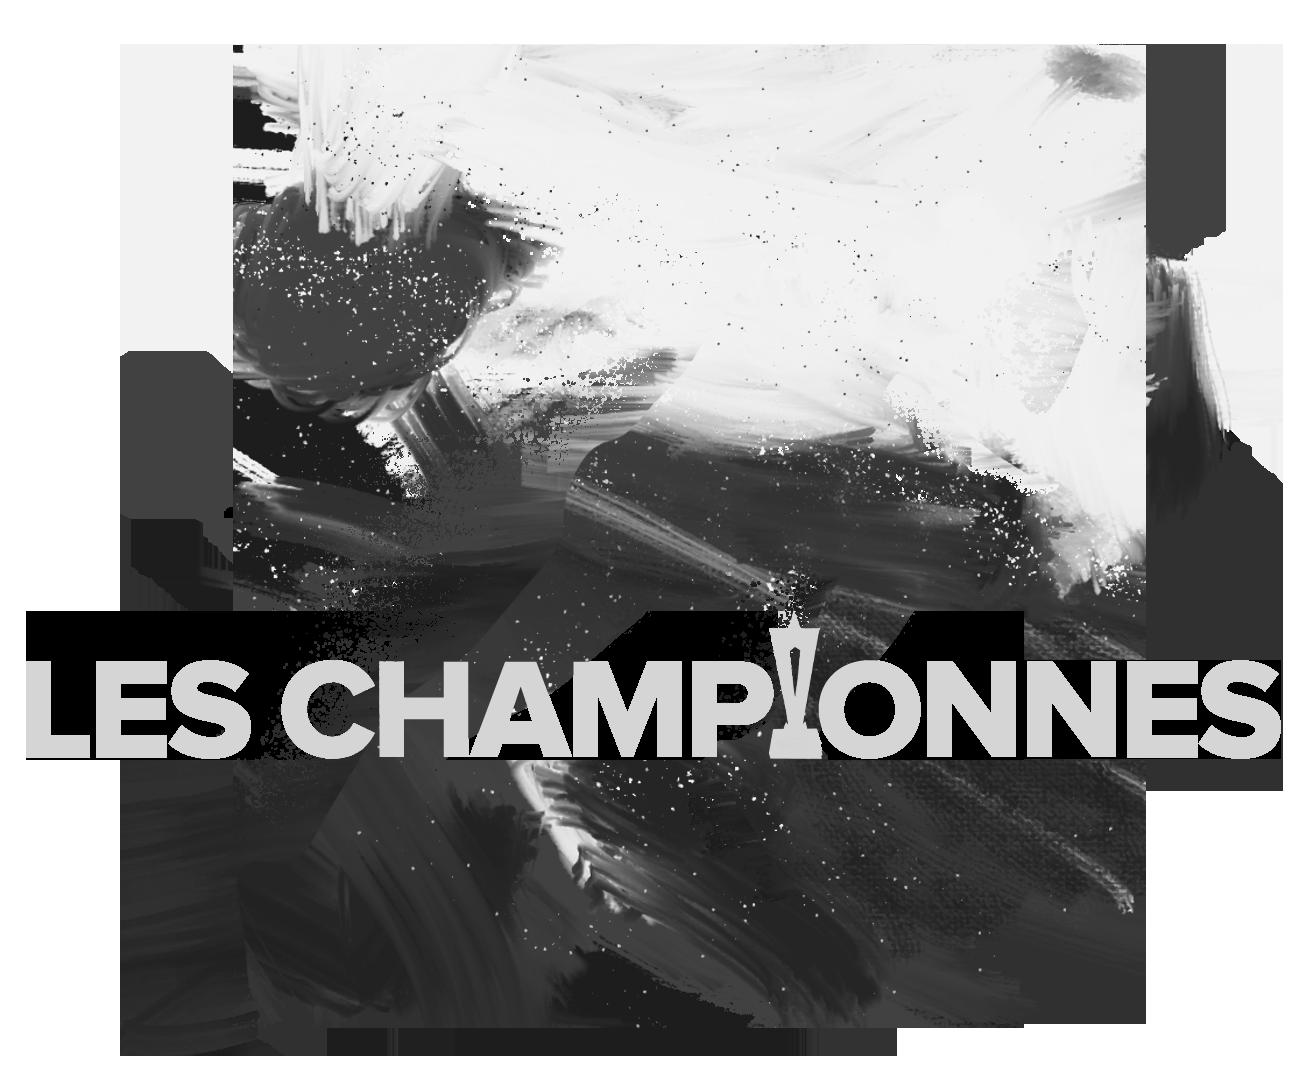 Les Championnes